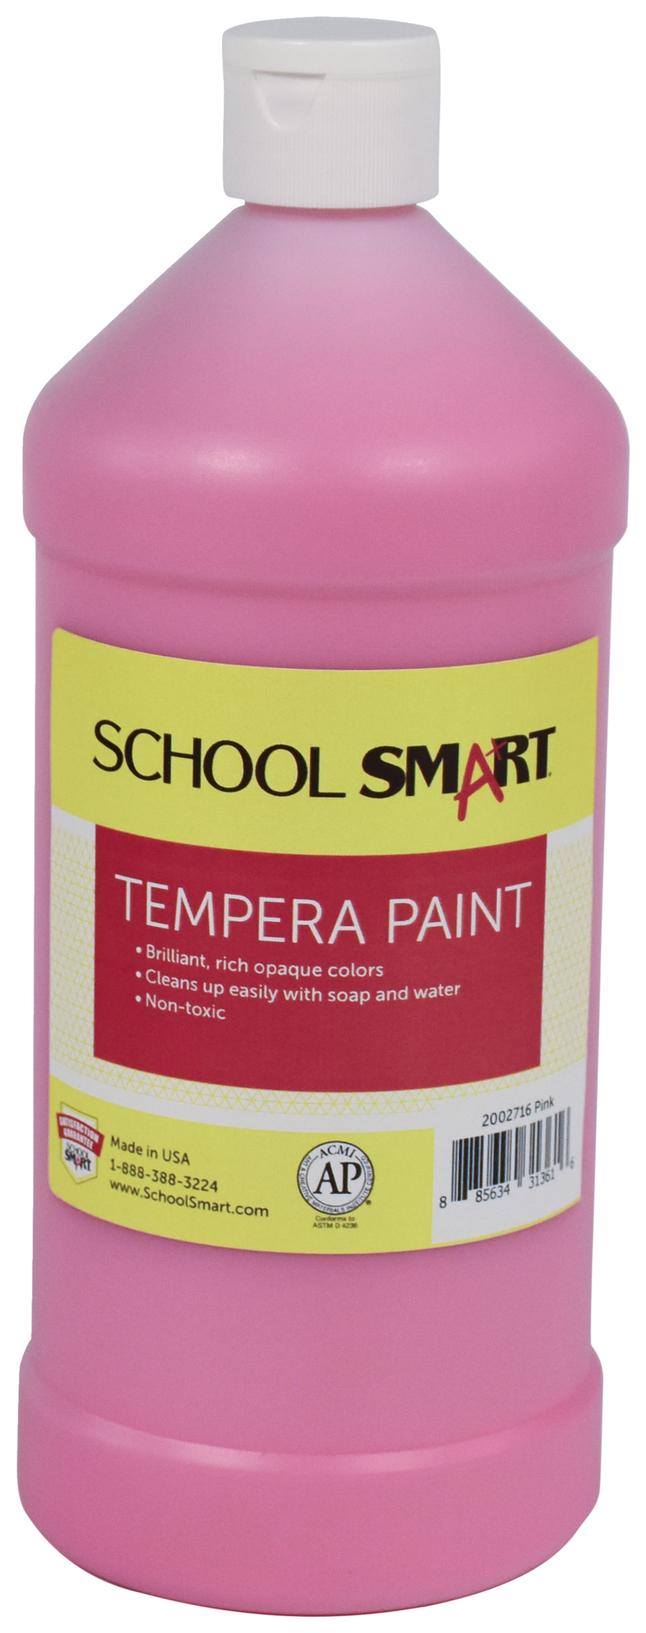 Tempera Paint, Item Number 2002716